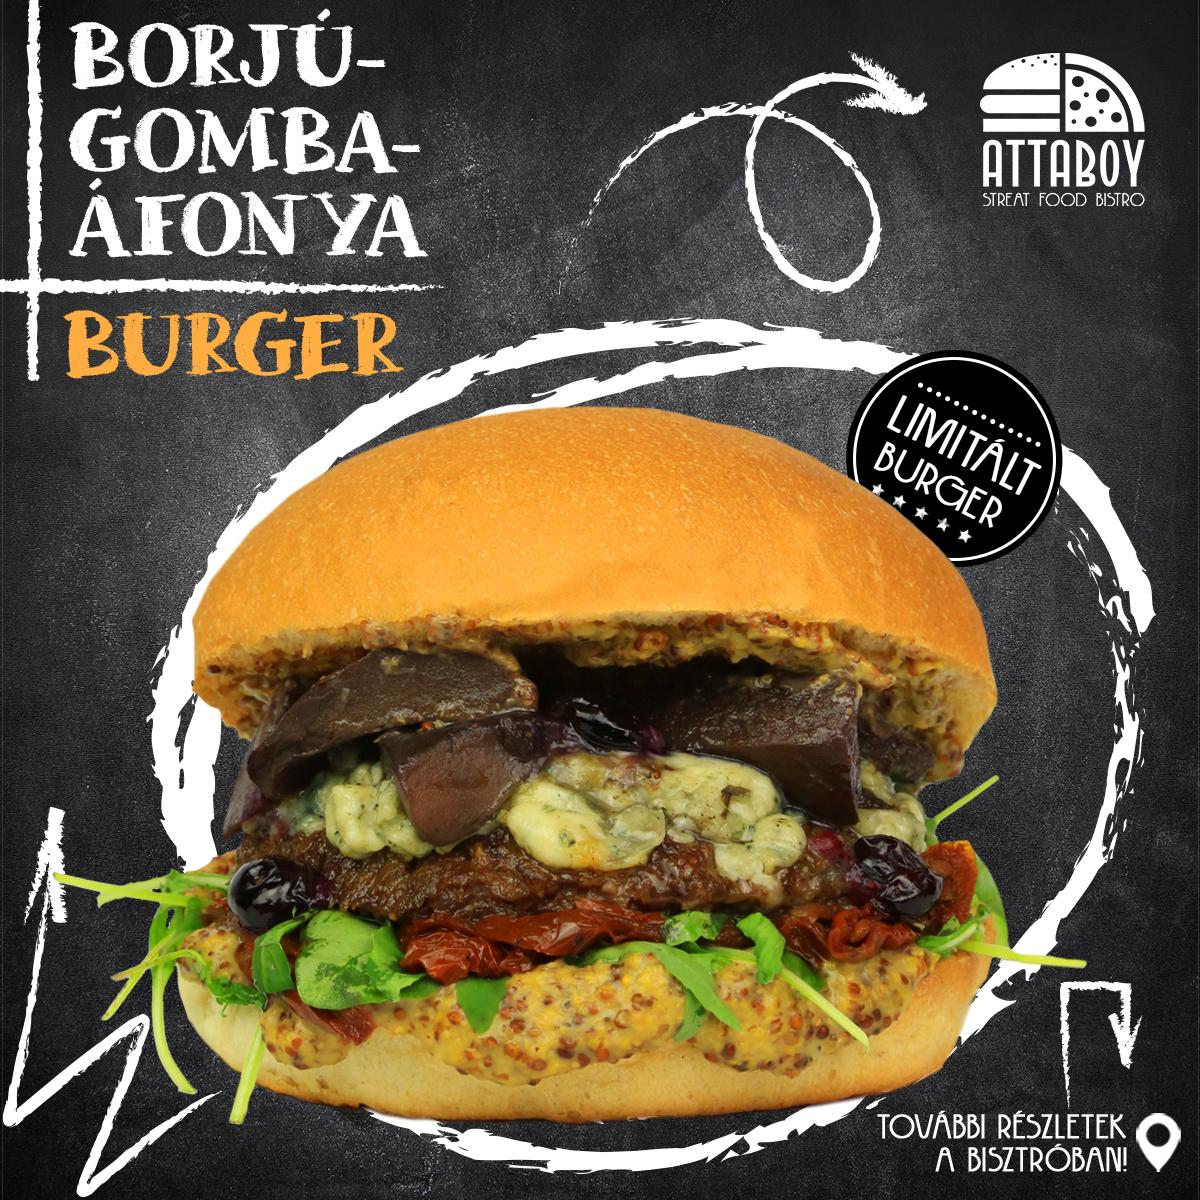 ATTABOY_Borju_burger_insta_facebook